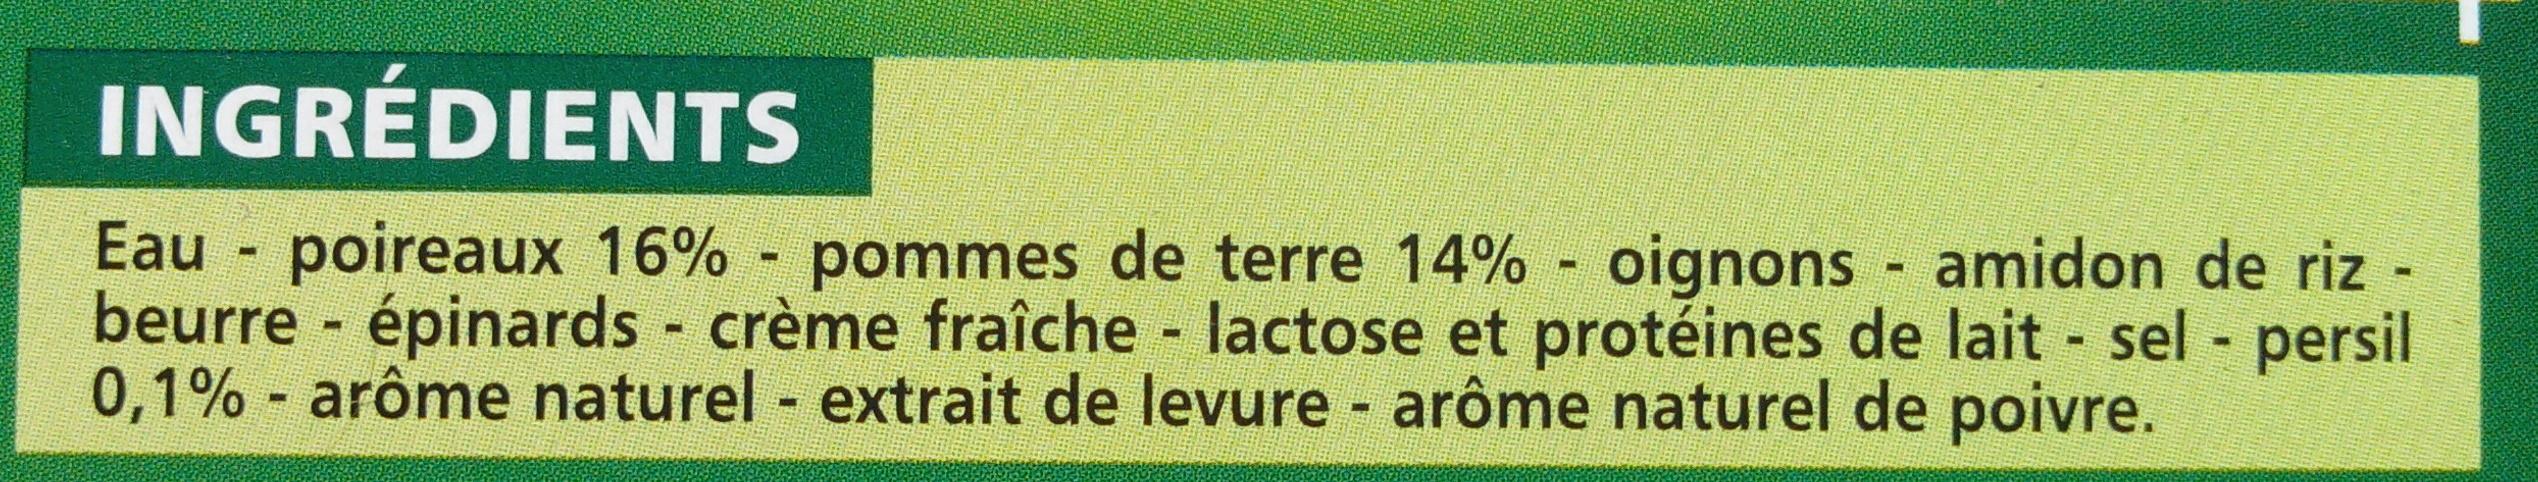 Velouté Poireaux Pommes de terre - Ingrediënten